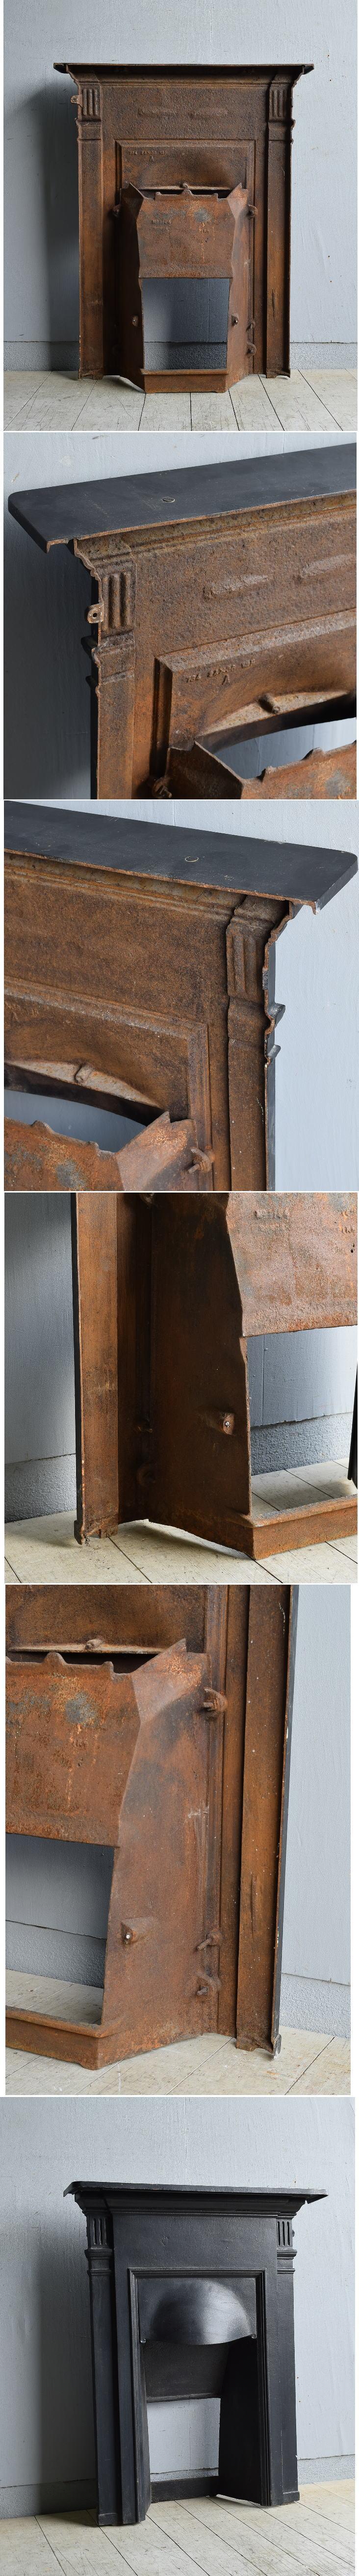 イギリス アンティーク ファイヤープレイス 暖炉 ディスプレイ 8175